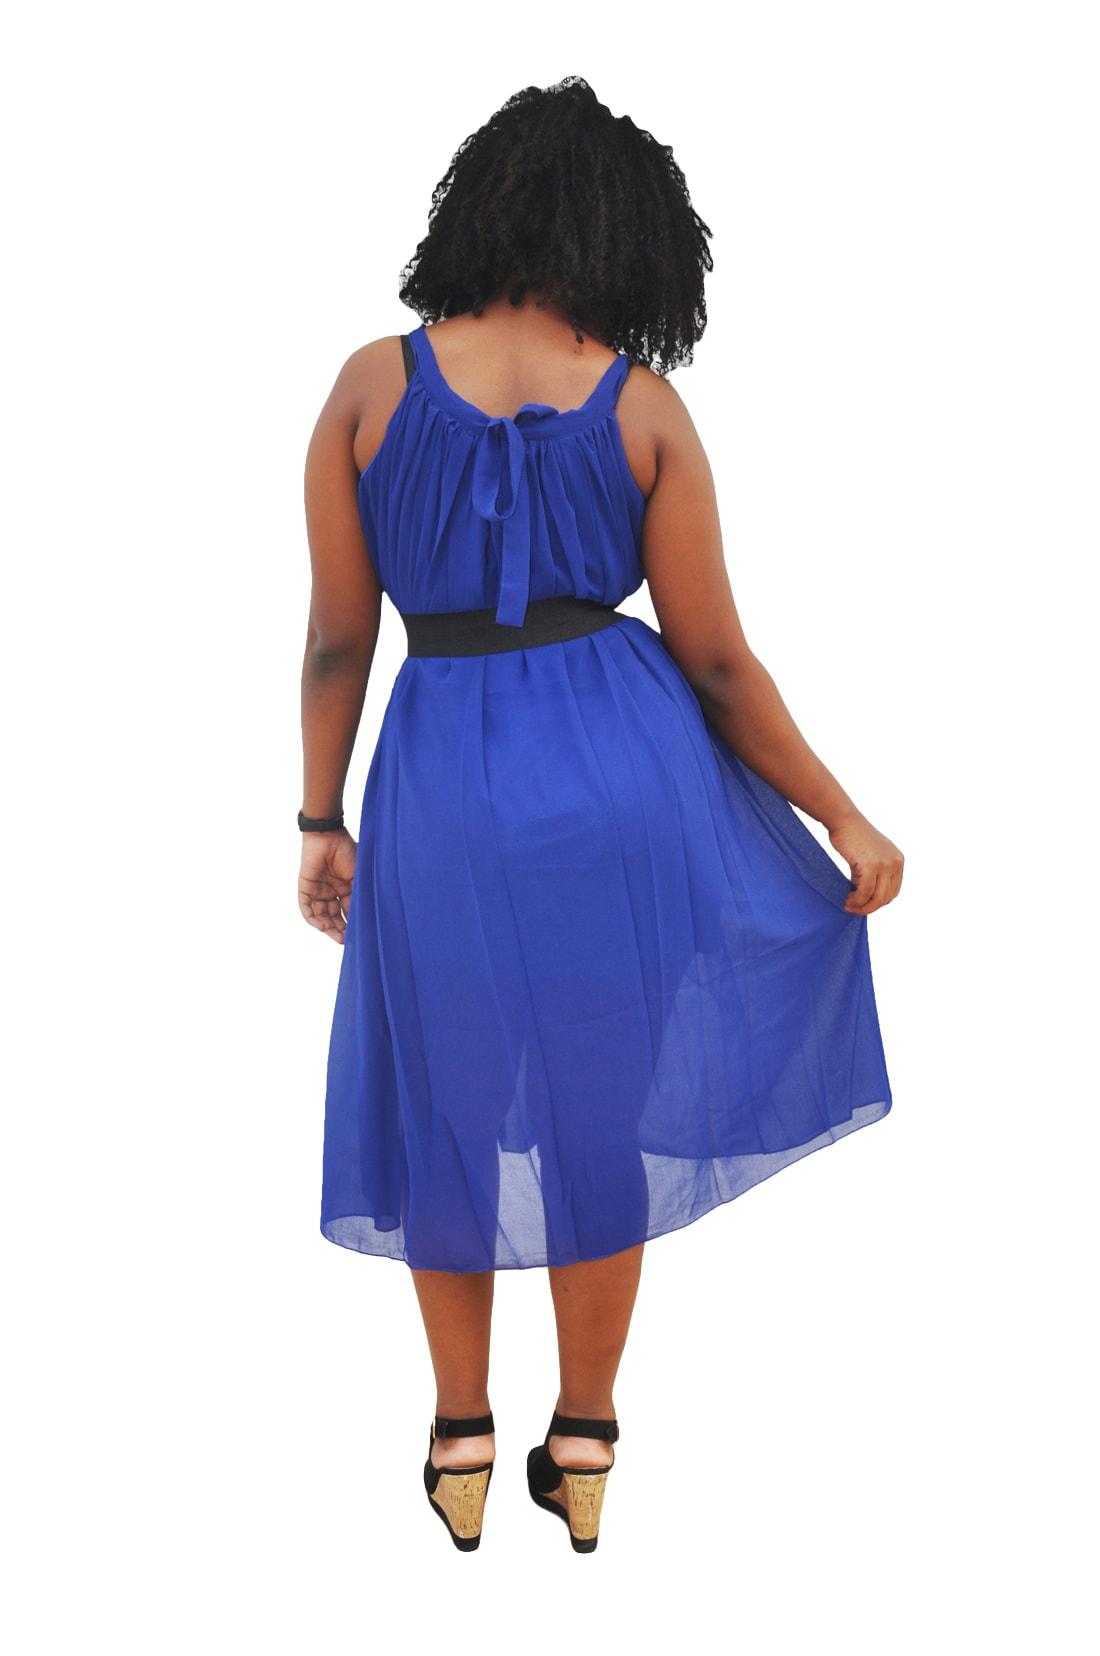 M0247 blue3 Wedding Bridesmaid Dresses maureens.com boutique